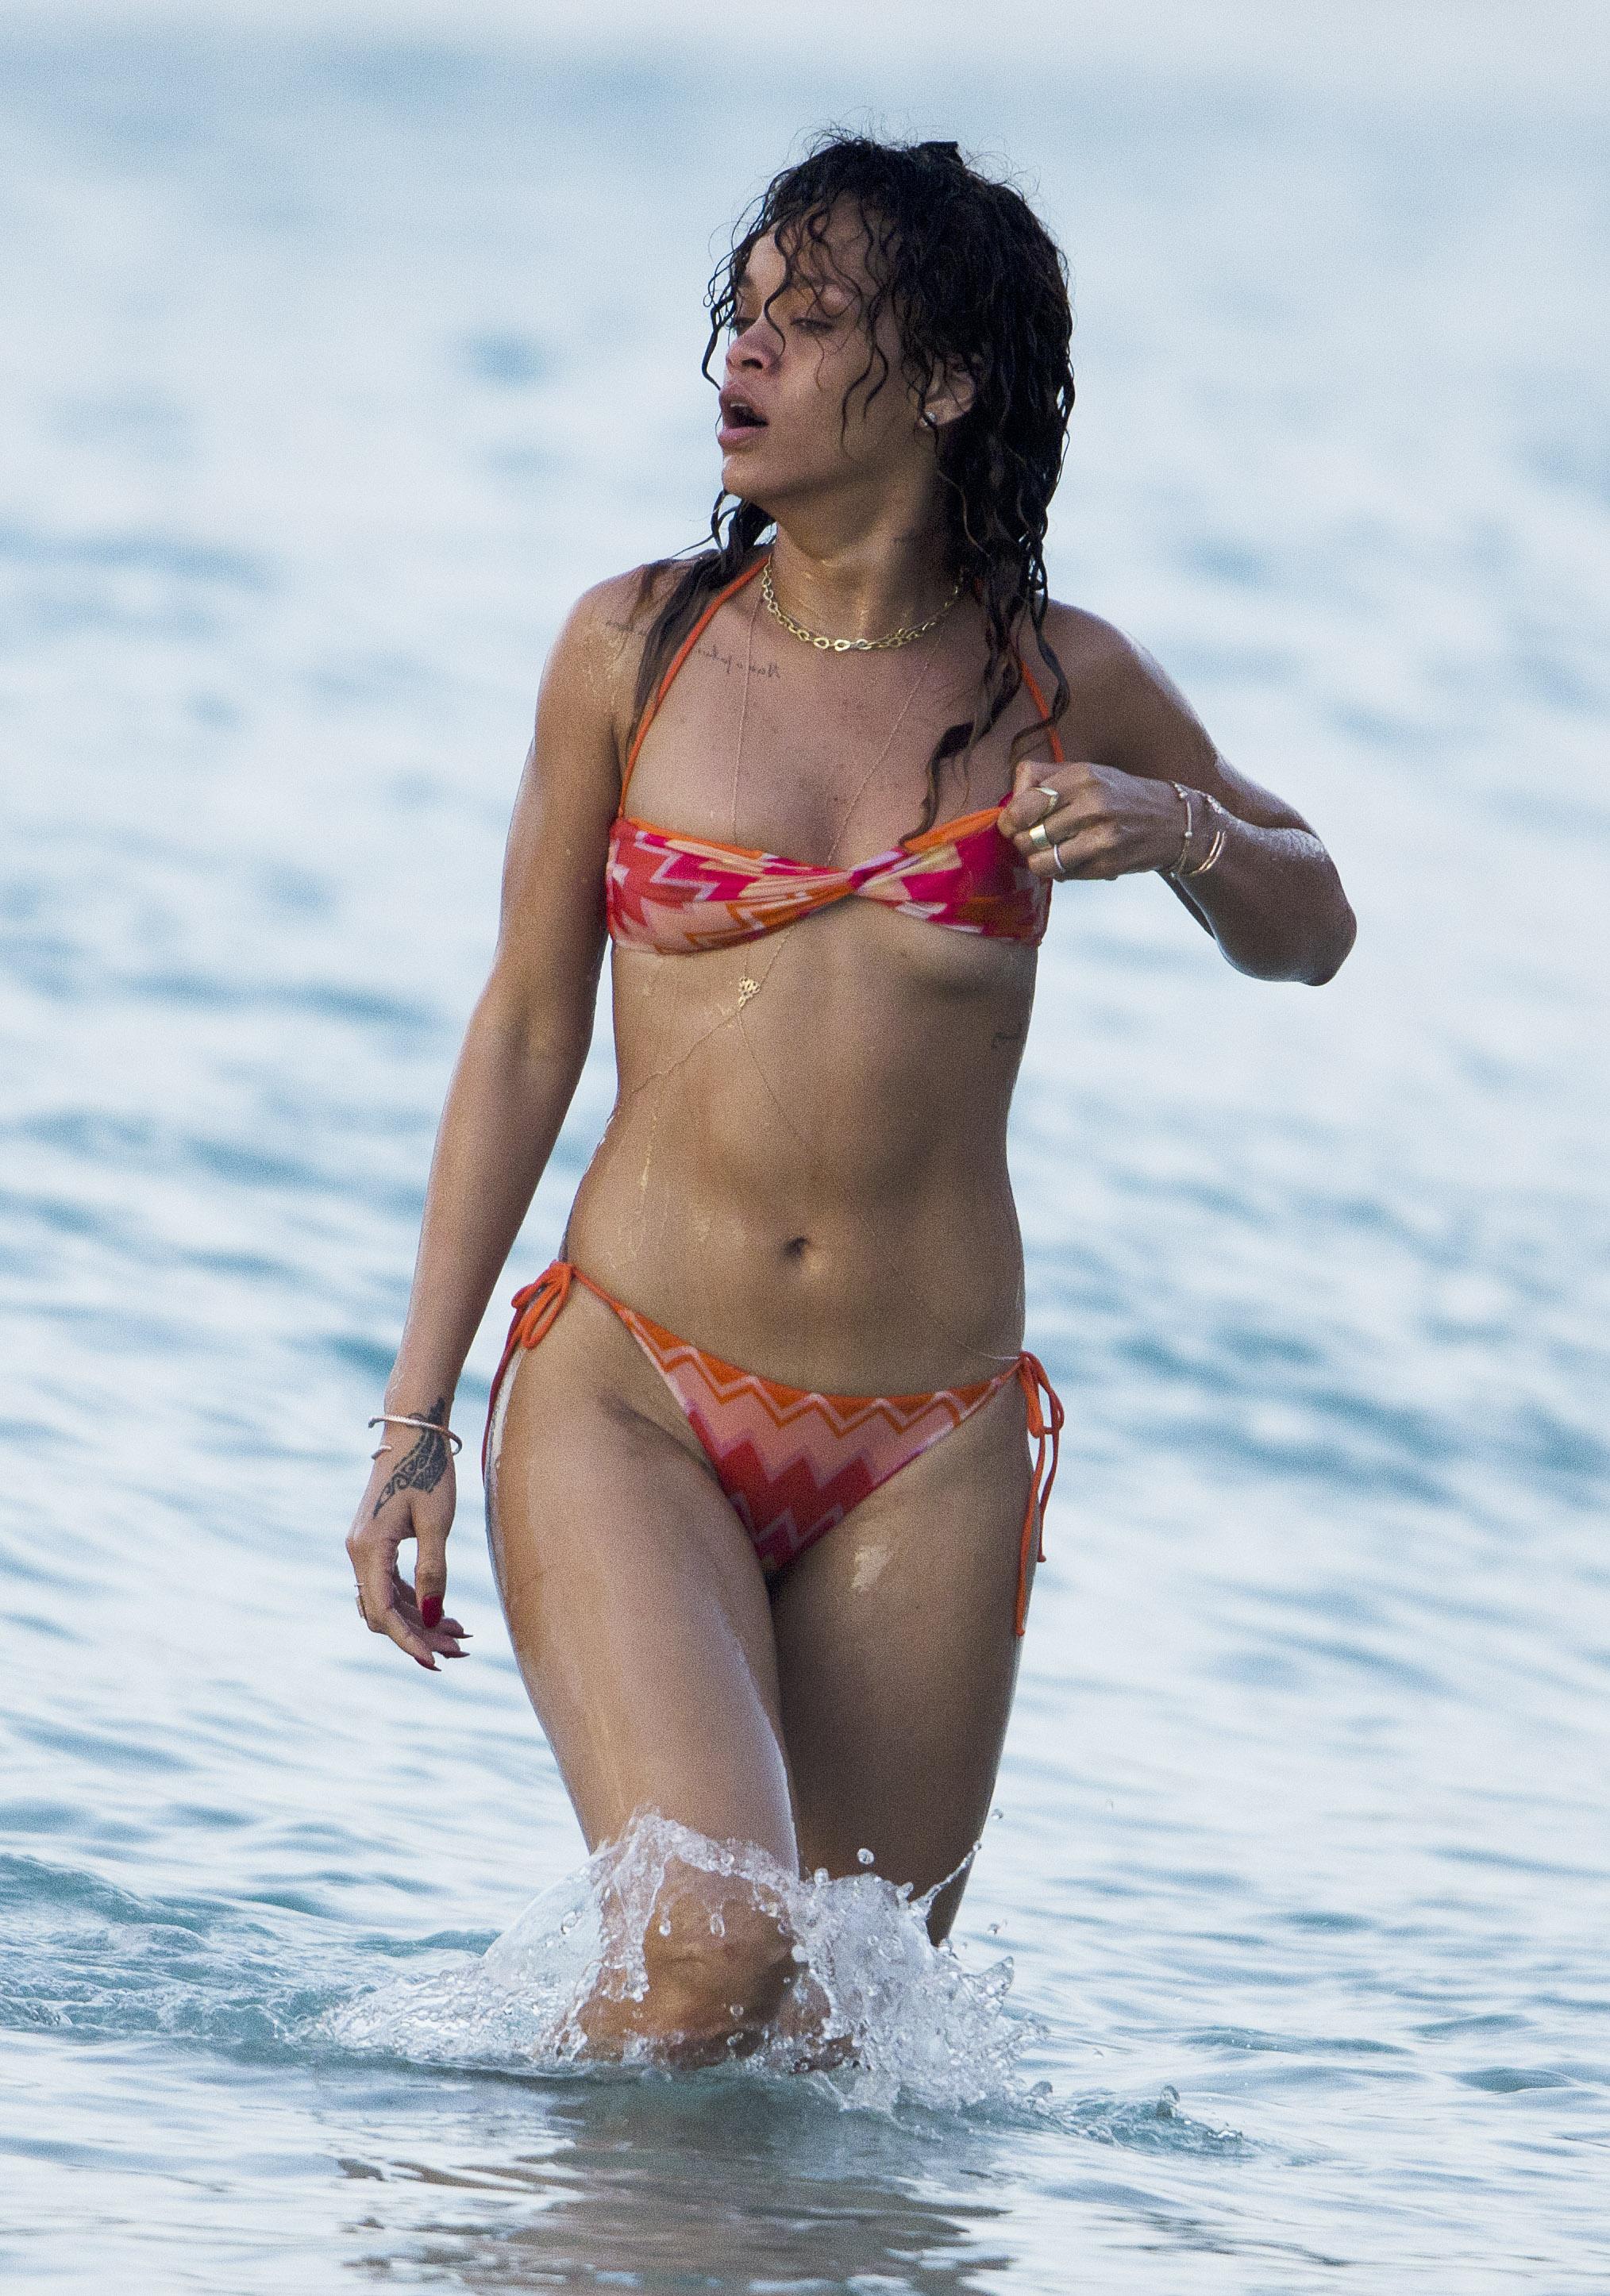 #Game » Califica Mi Cuerpaxo Rihanna-bikini4